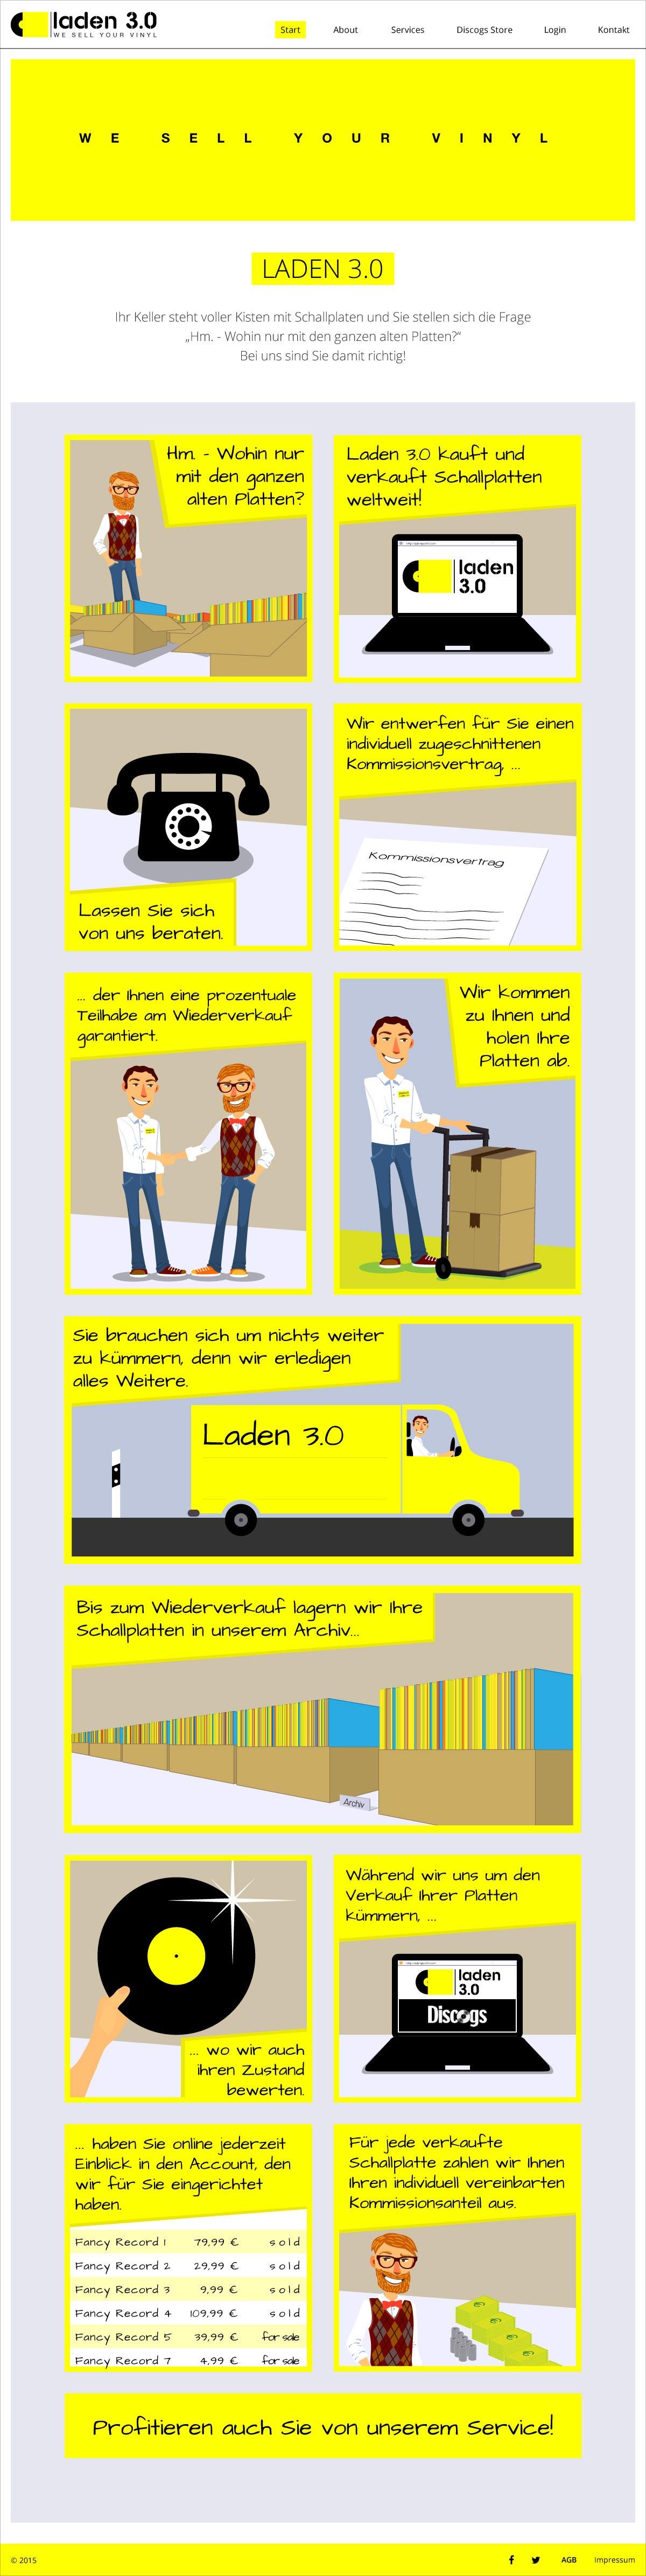 Laden 3.0 Webseite Startseite Webdesign Gesa Siebert Kommunikationsdesign